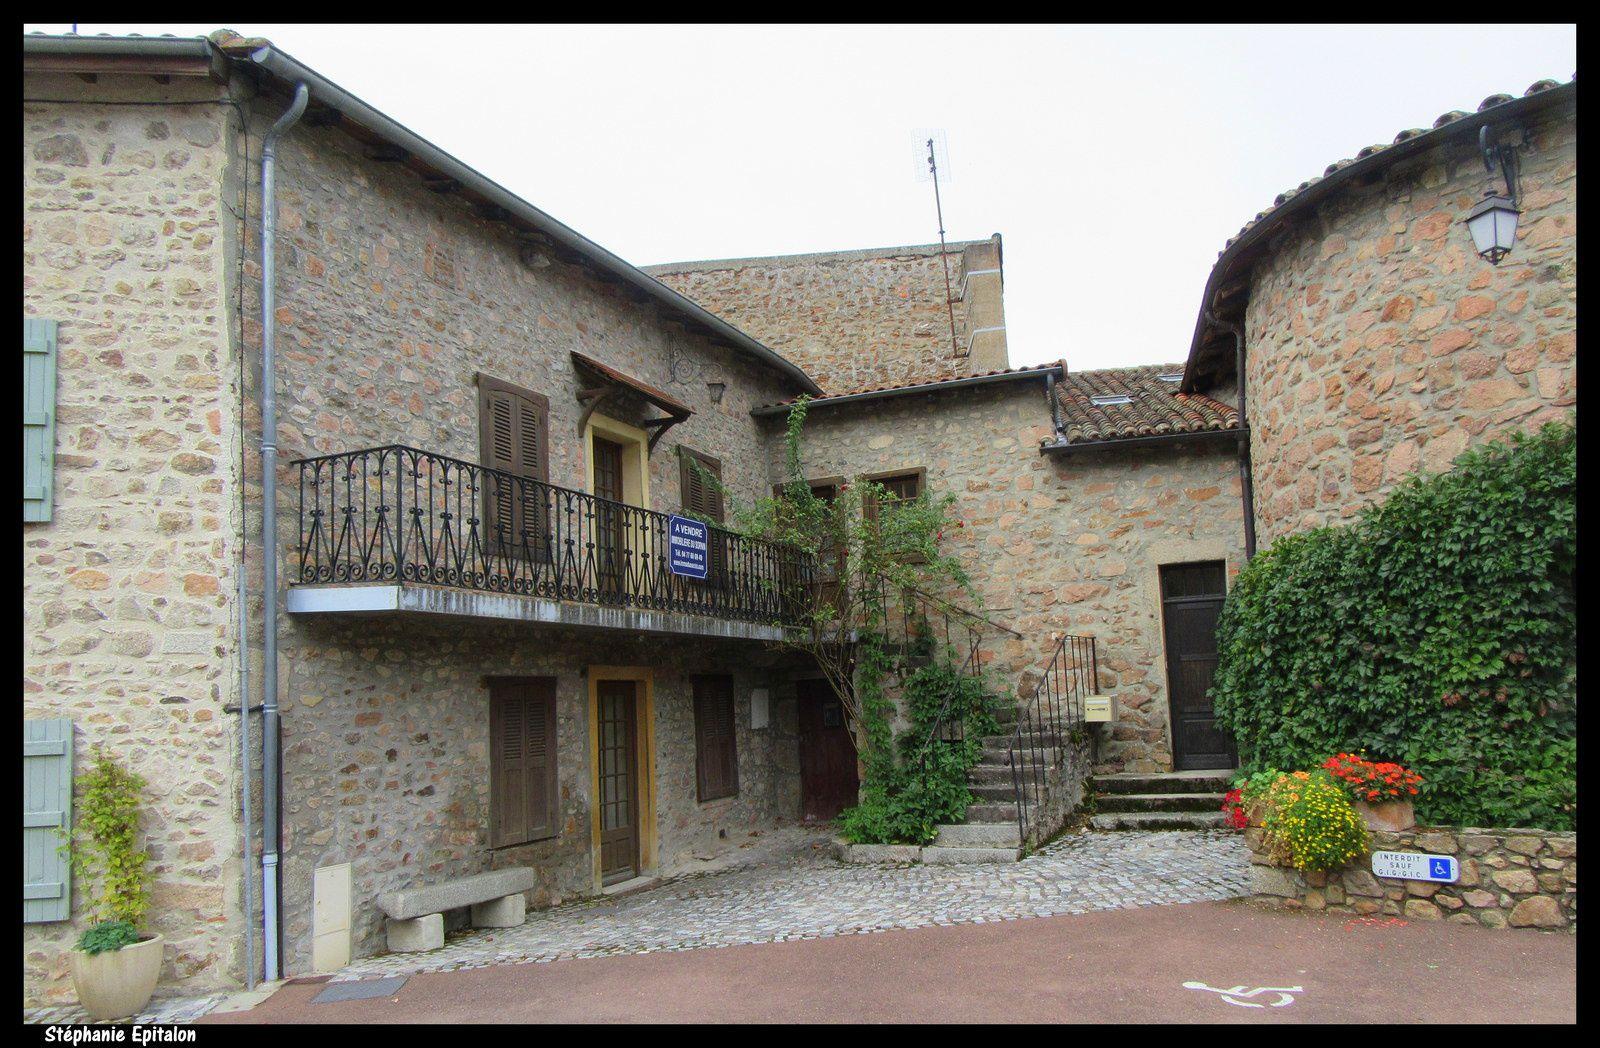 Le Crozet - Cité Médiévale 42310, Loire...village de caractère